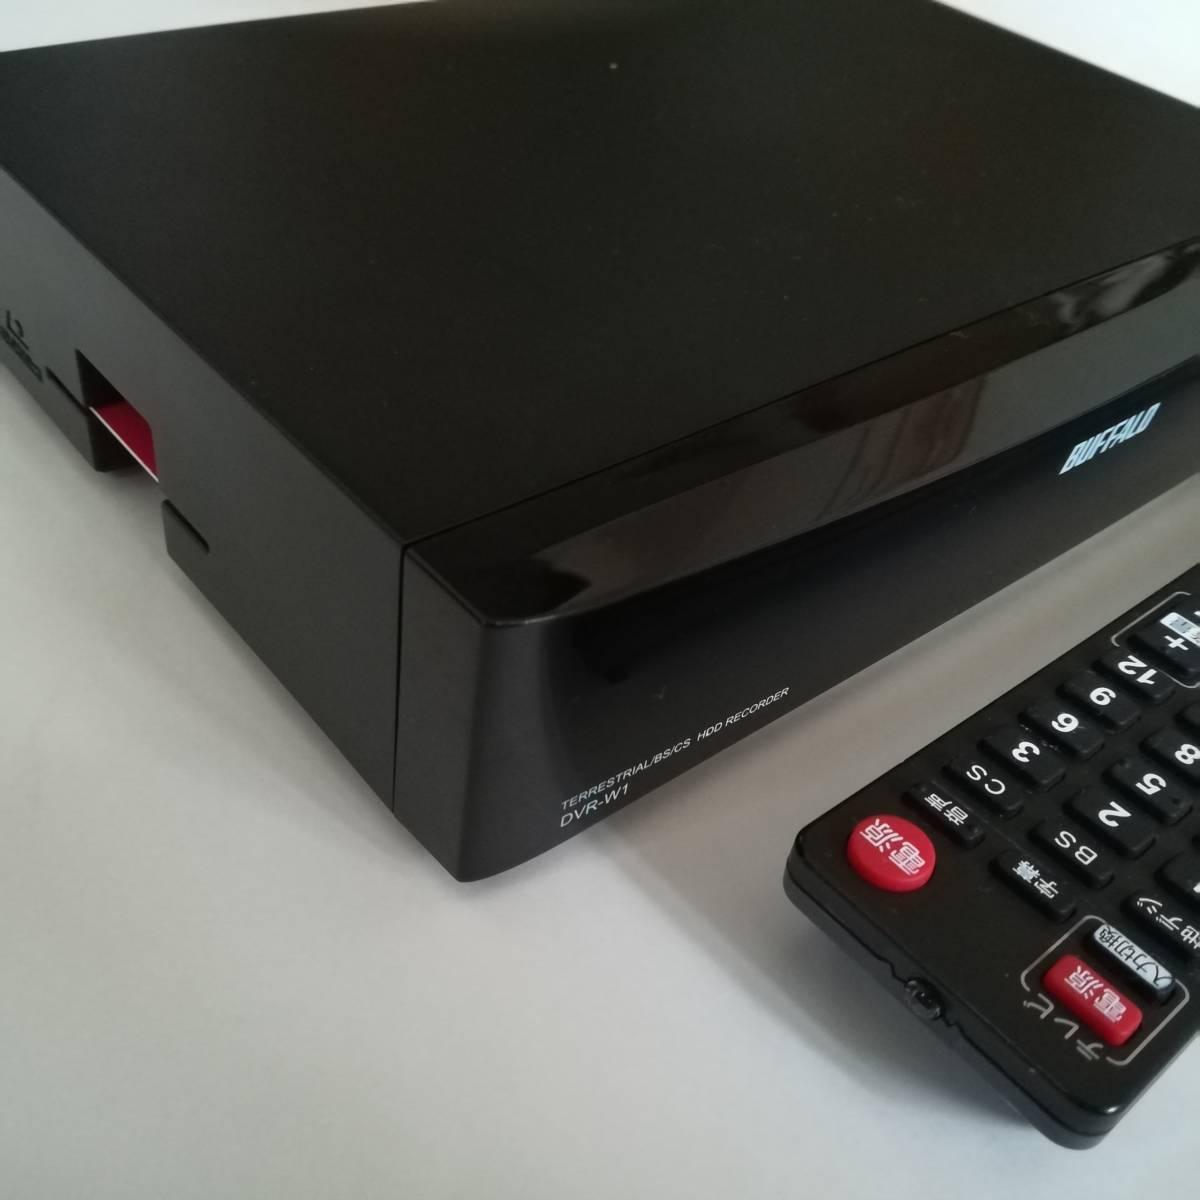 【完動品】【3波W録】【1TB】【USB HDD対応】BUFFALO バッファロー Wチューナー搭載 HDDレコーダー DVR-W1_画像2